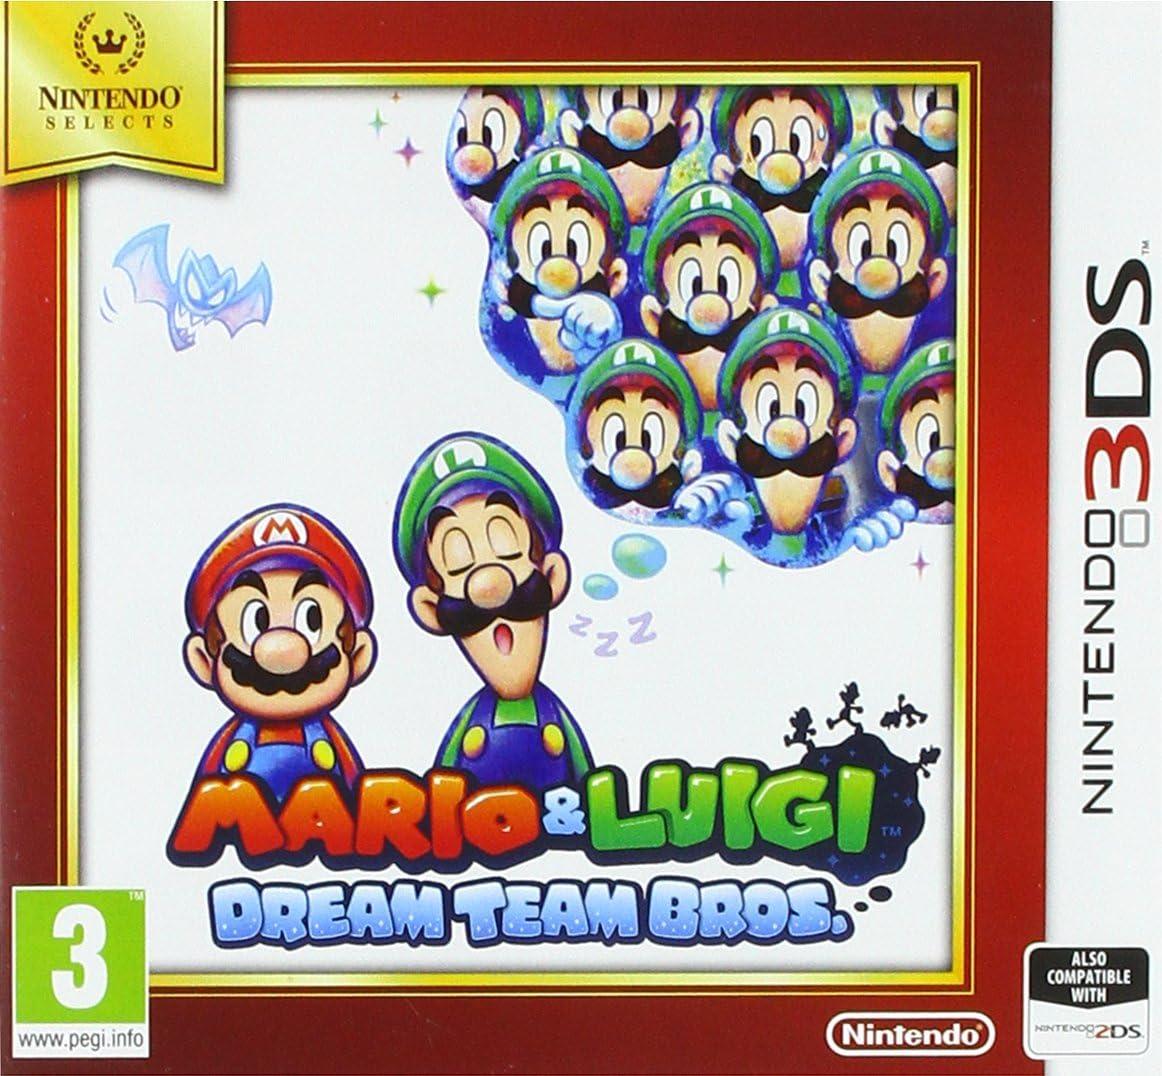 Mario And Luigi: Dream Team Bros